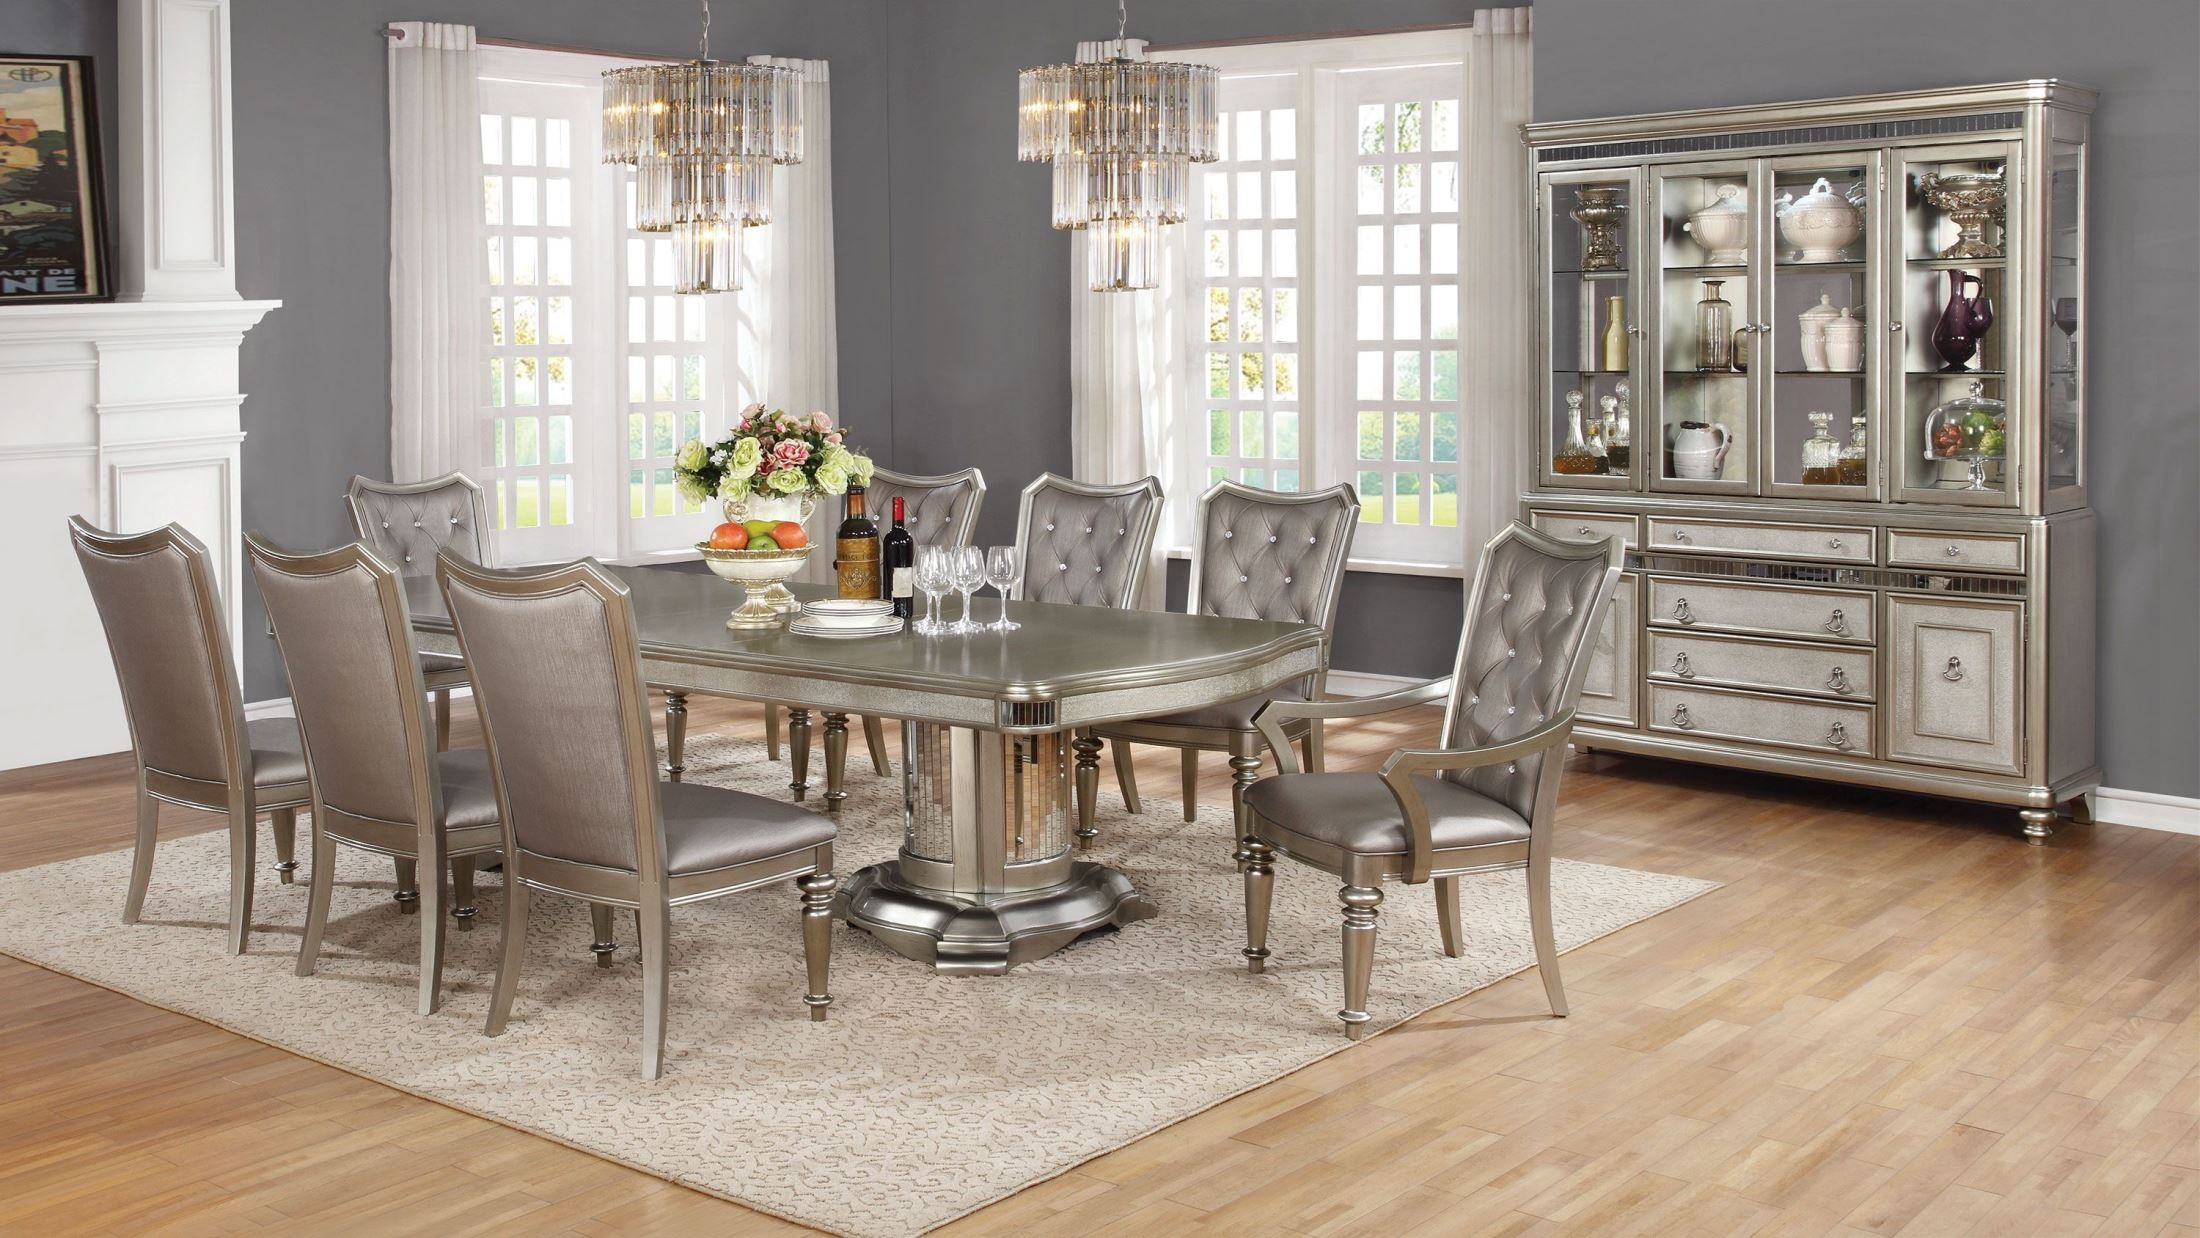 Danette Metallic Platinum Dining Room Set 107311 Coaster